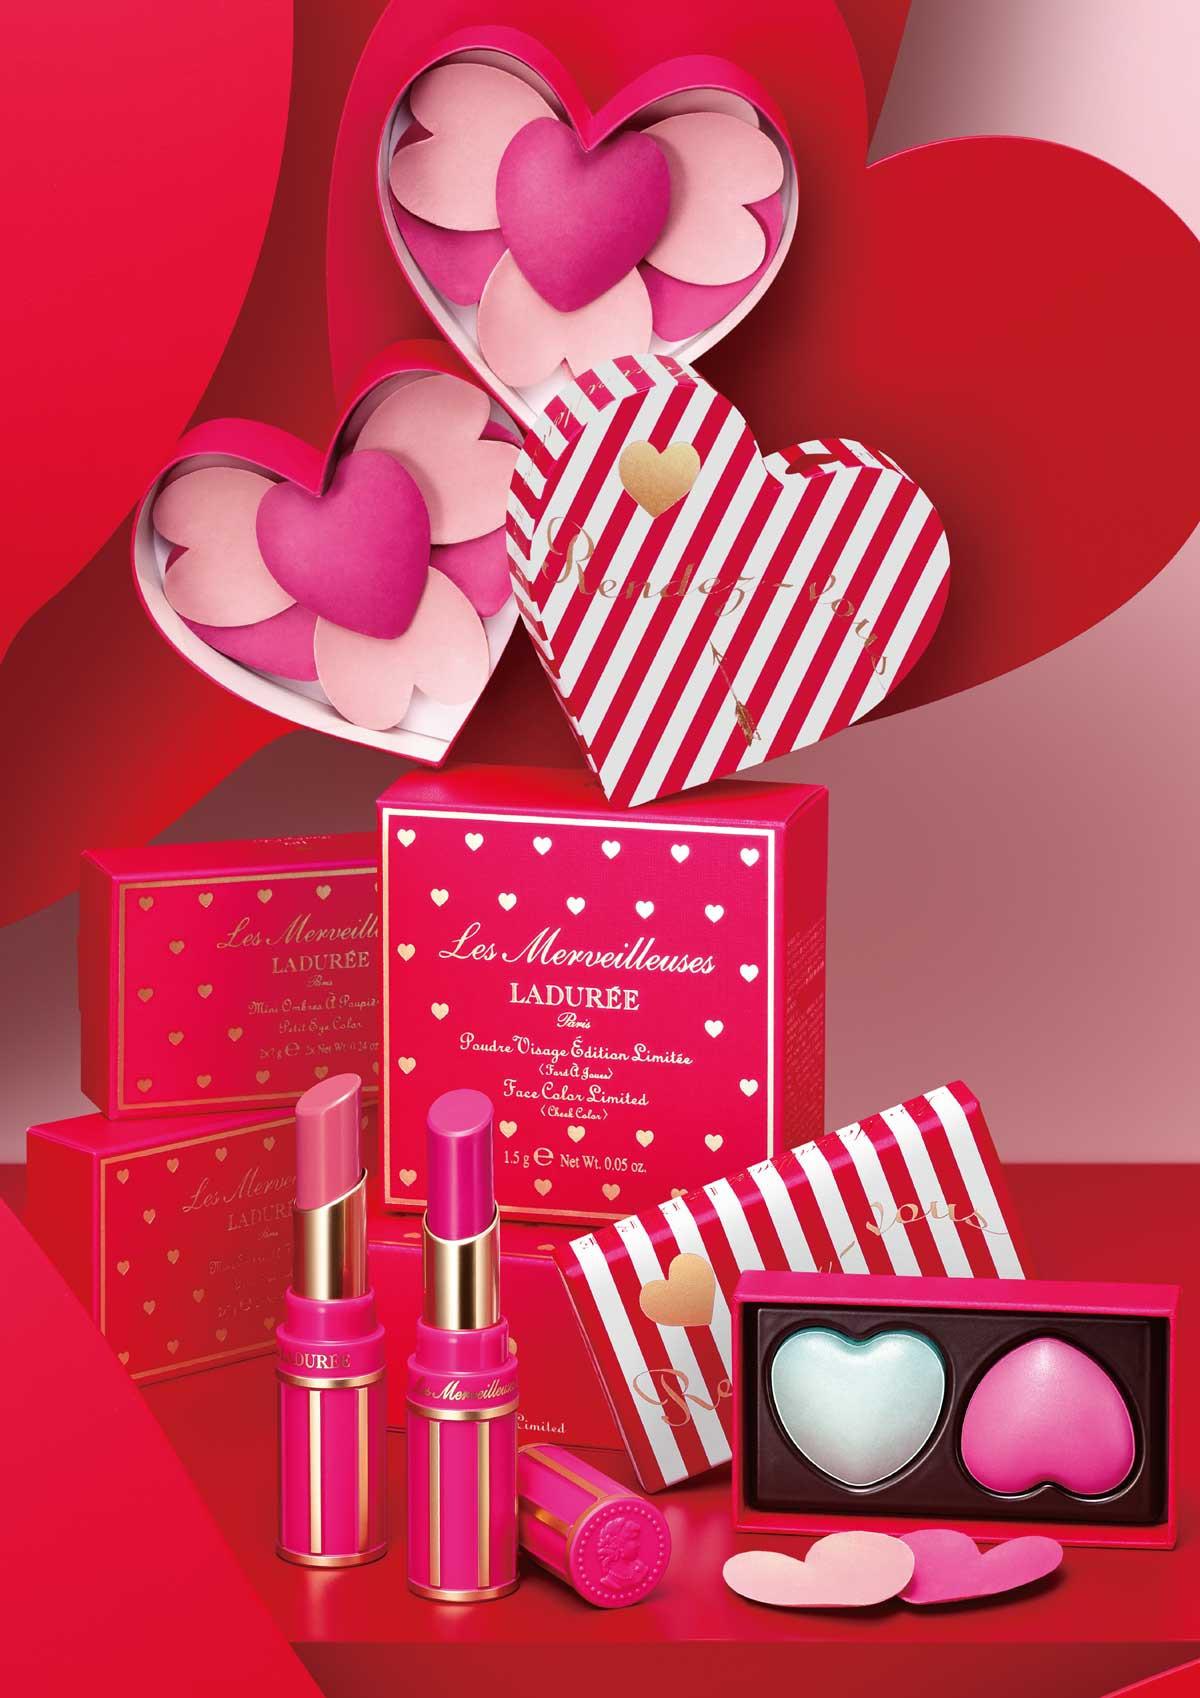 【バレンタインコスメ2020】ピュアなハートモチーフで甘く彩る「ラデュレ」の2020スプリングコレクション